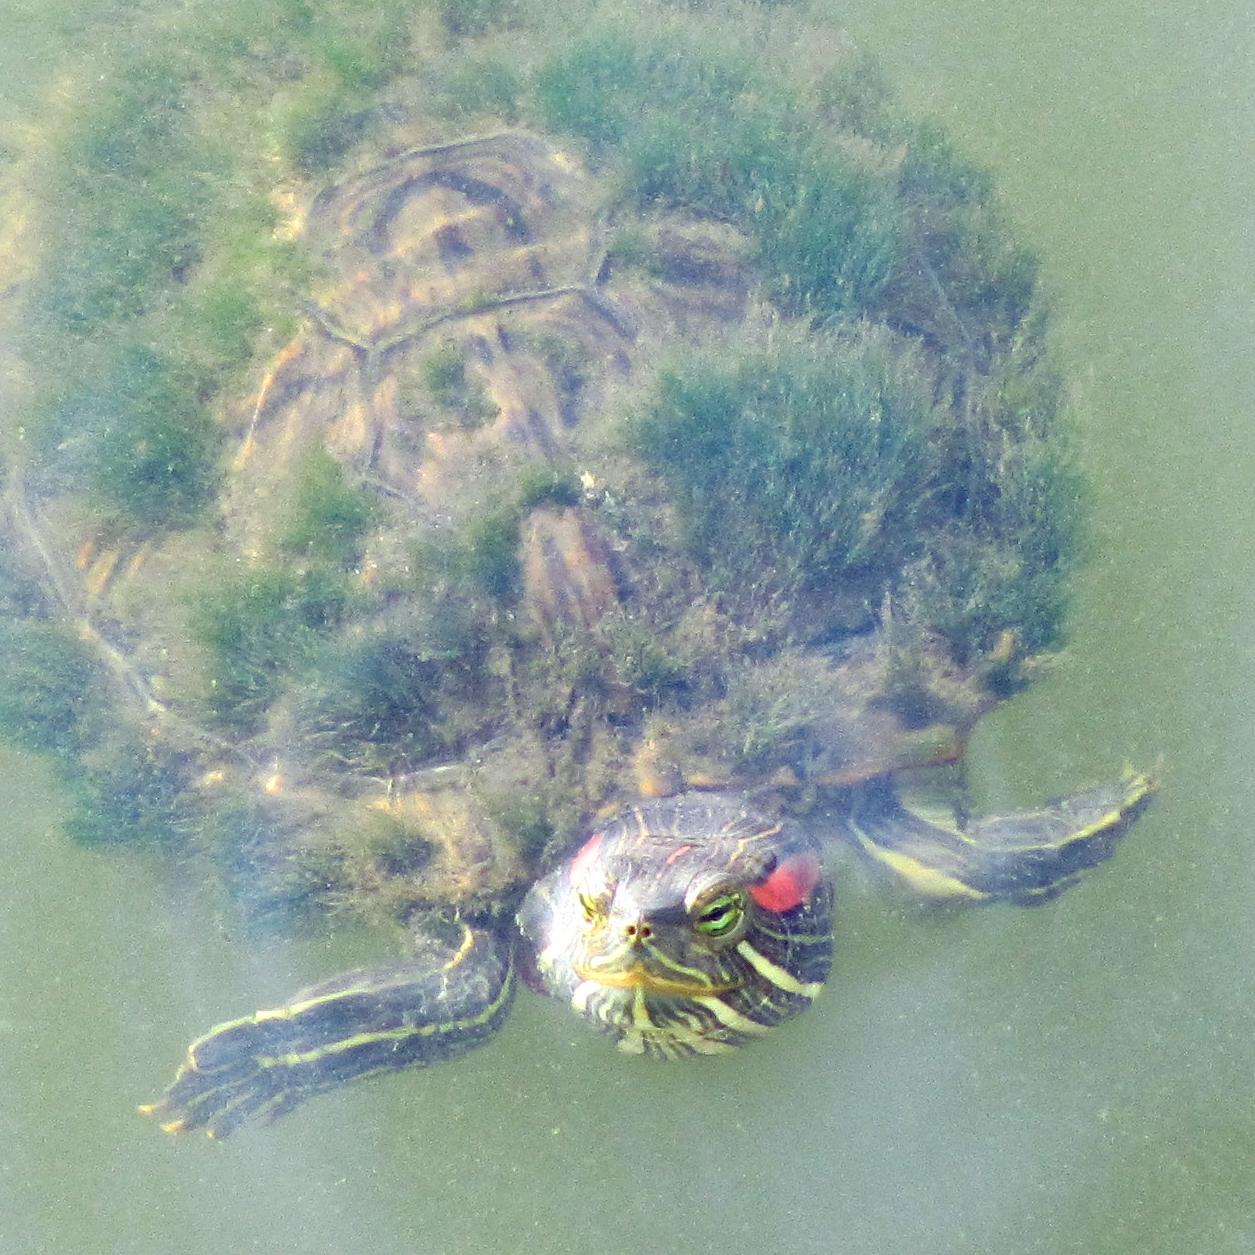 初めて見た!亀の甲羅の苔が生え茂る『蓑亀』の話